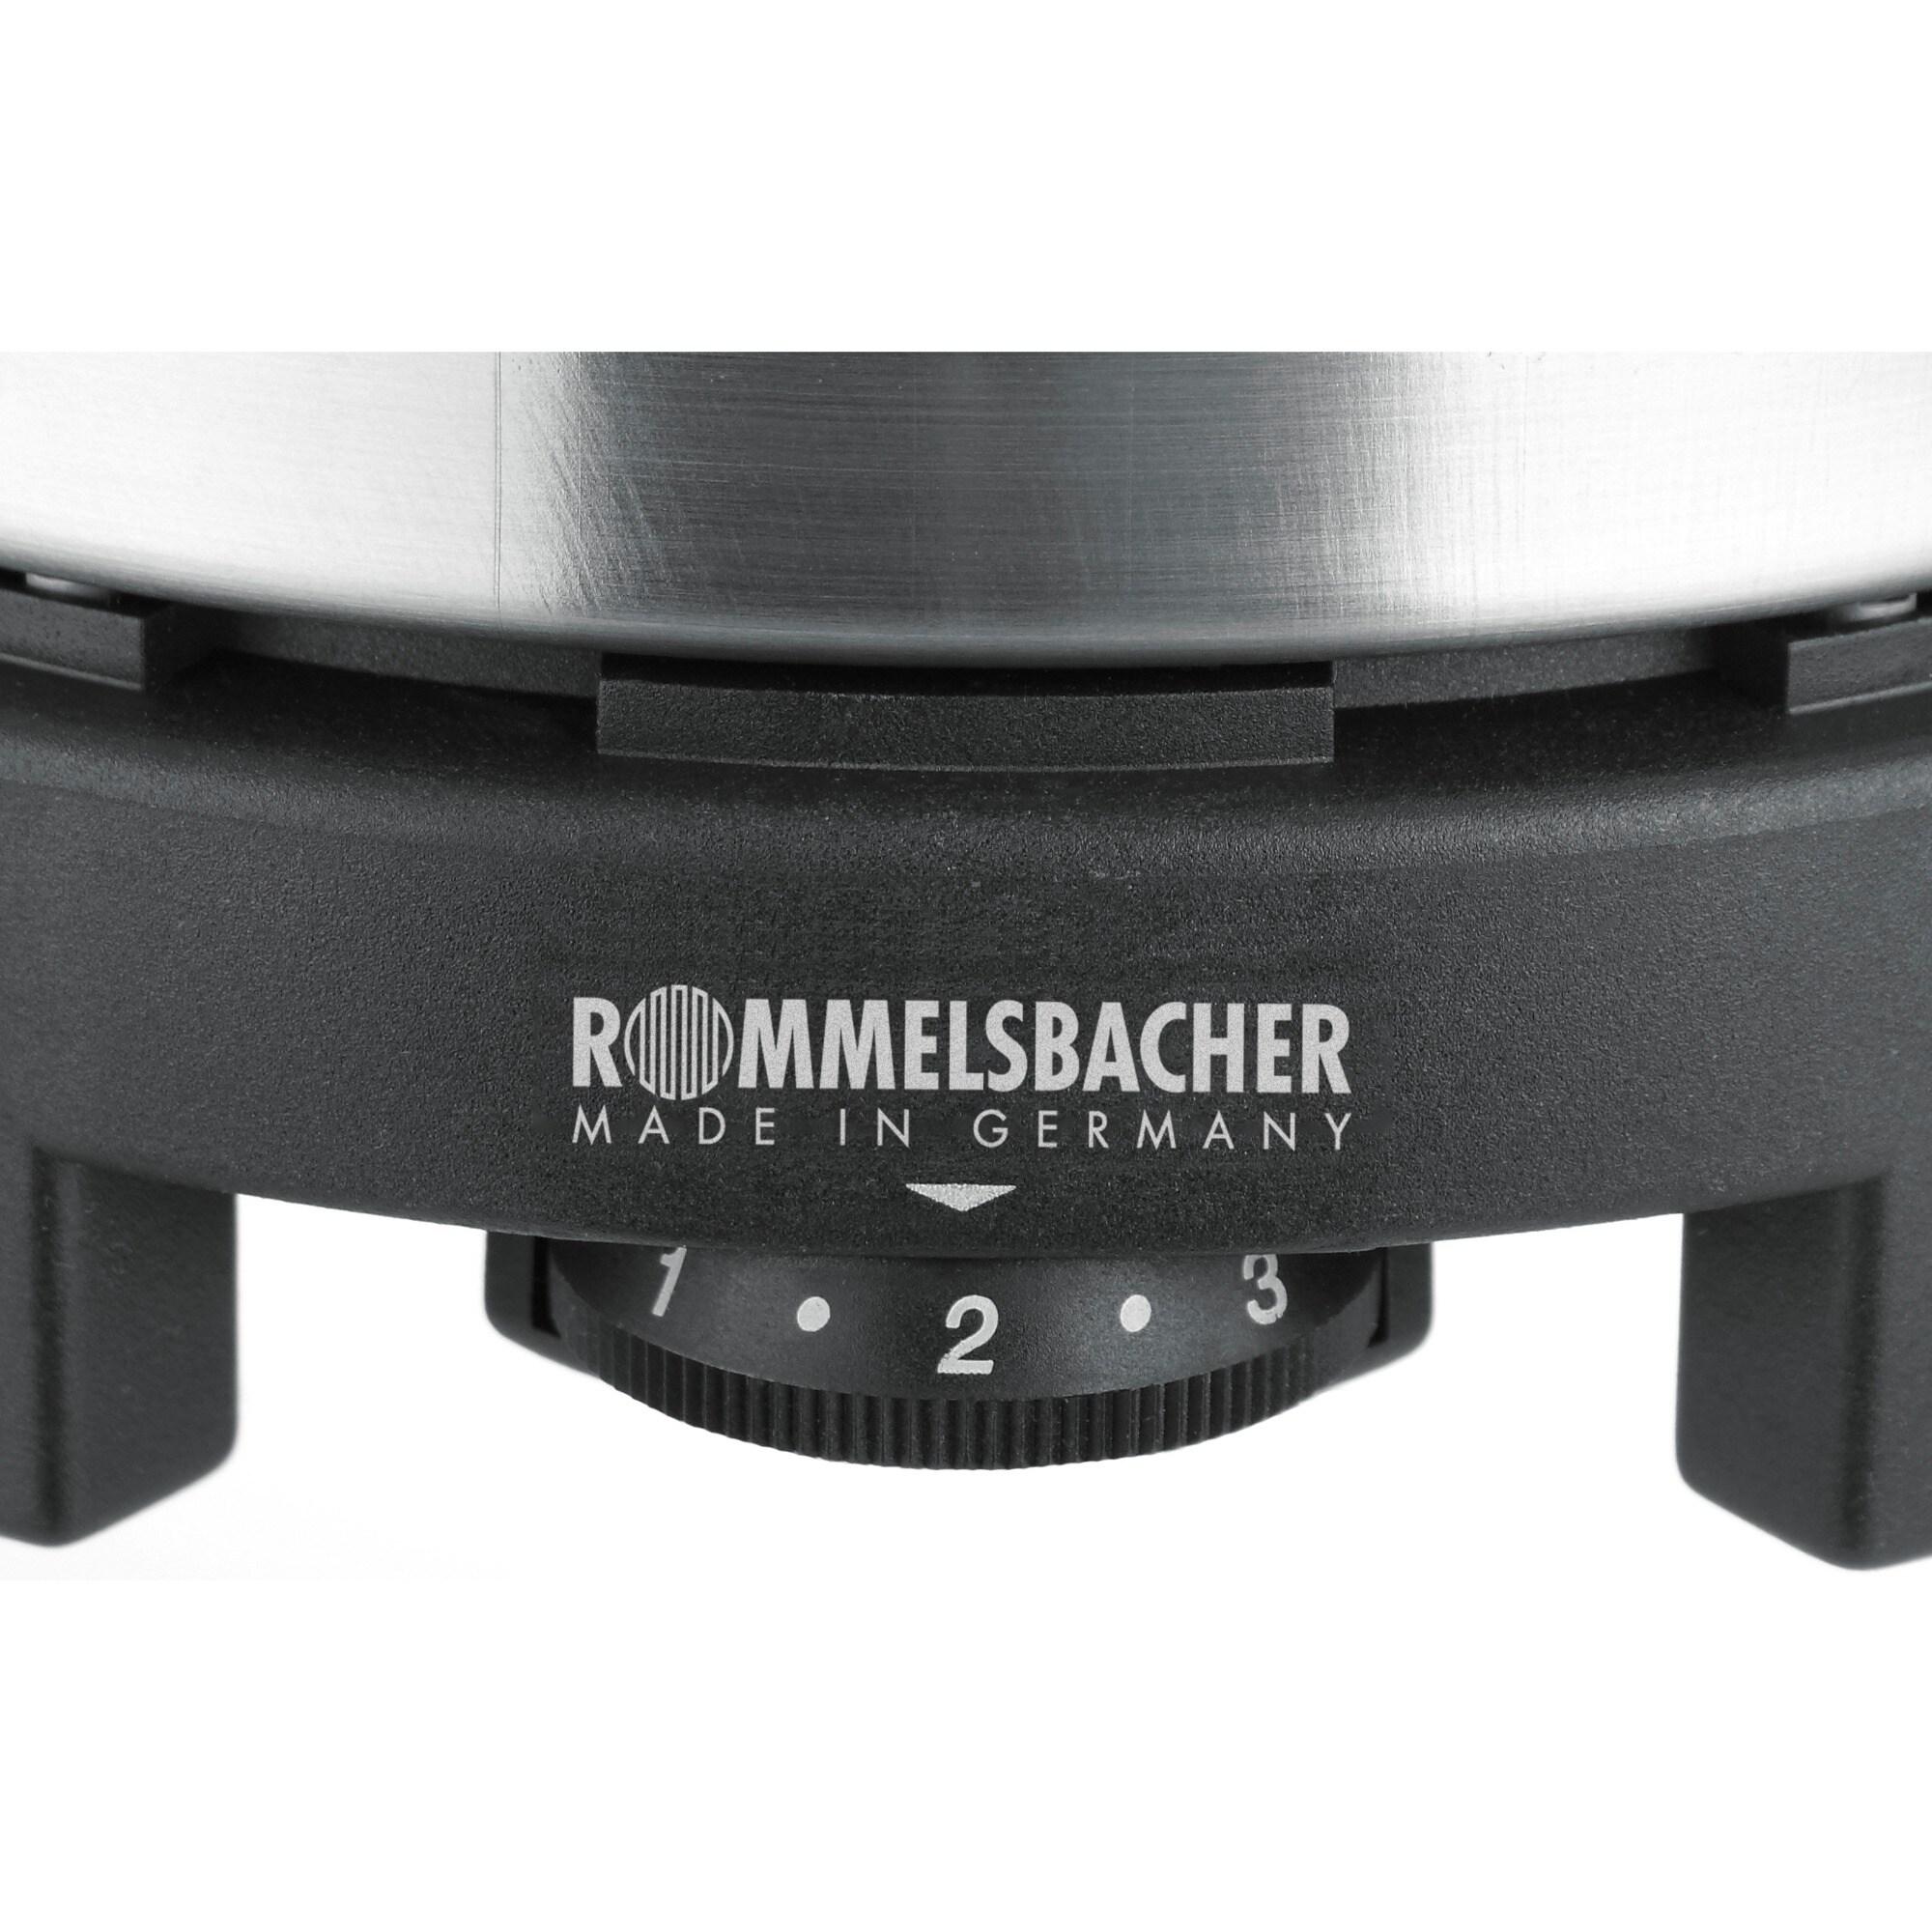 Rommelsbacher Kochplatte Reisekochplatte RK 501